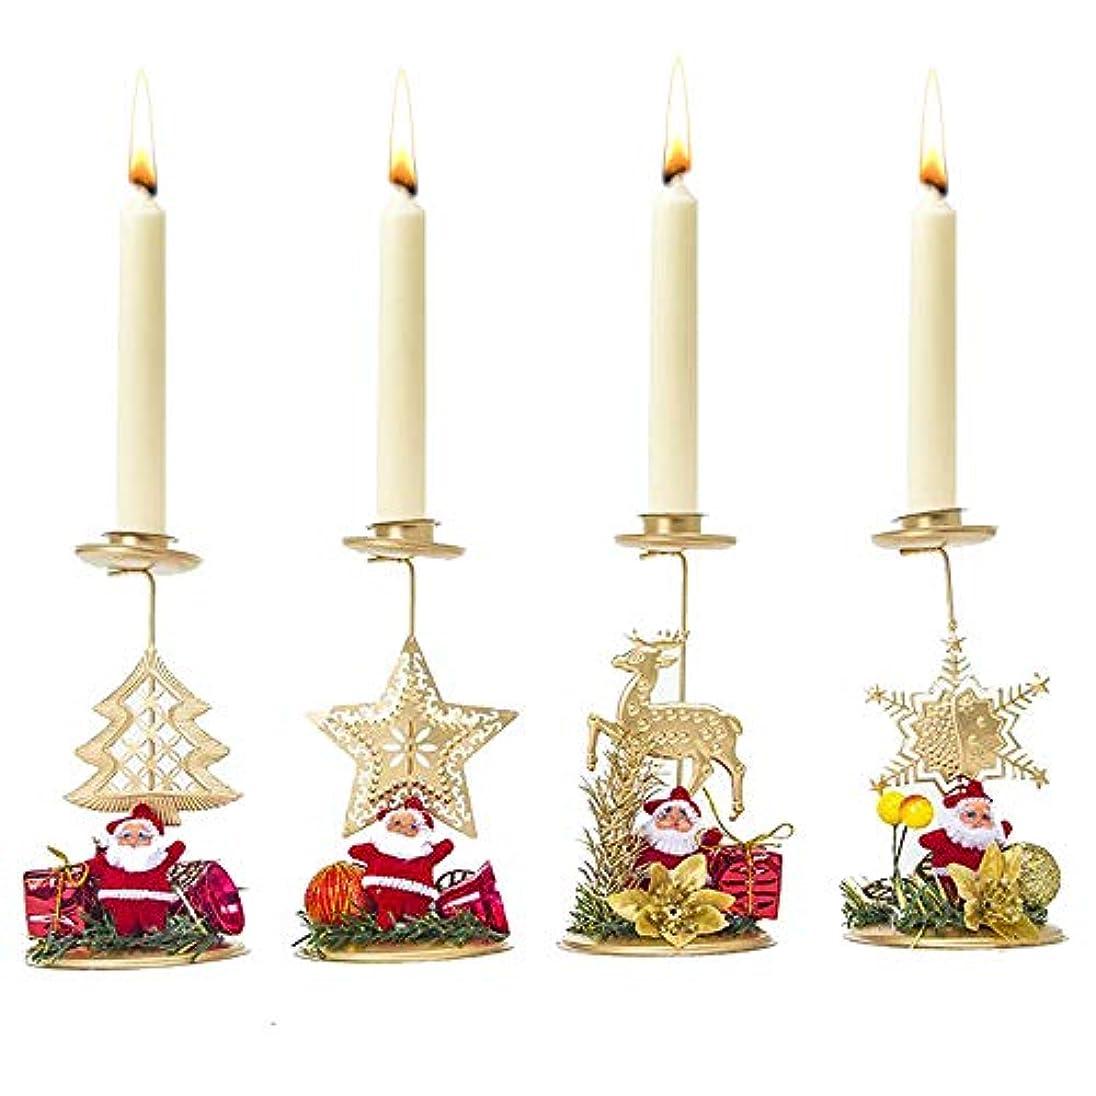 無謀肘掛け椅子以前はNishore4 個クリスマス鉄の燭台 クリスマスの装飾 絶妙なデスクトップ装飾